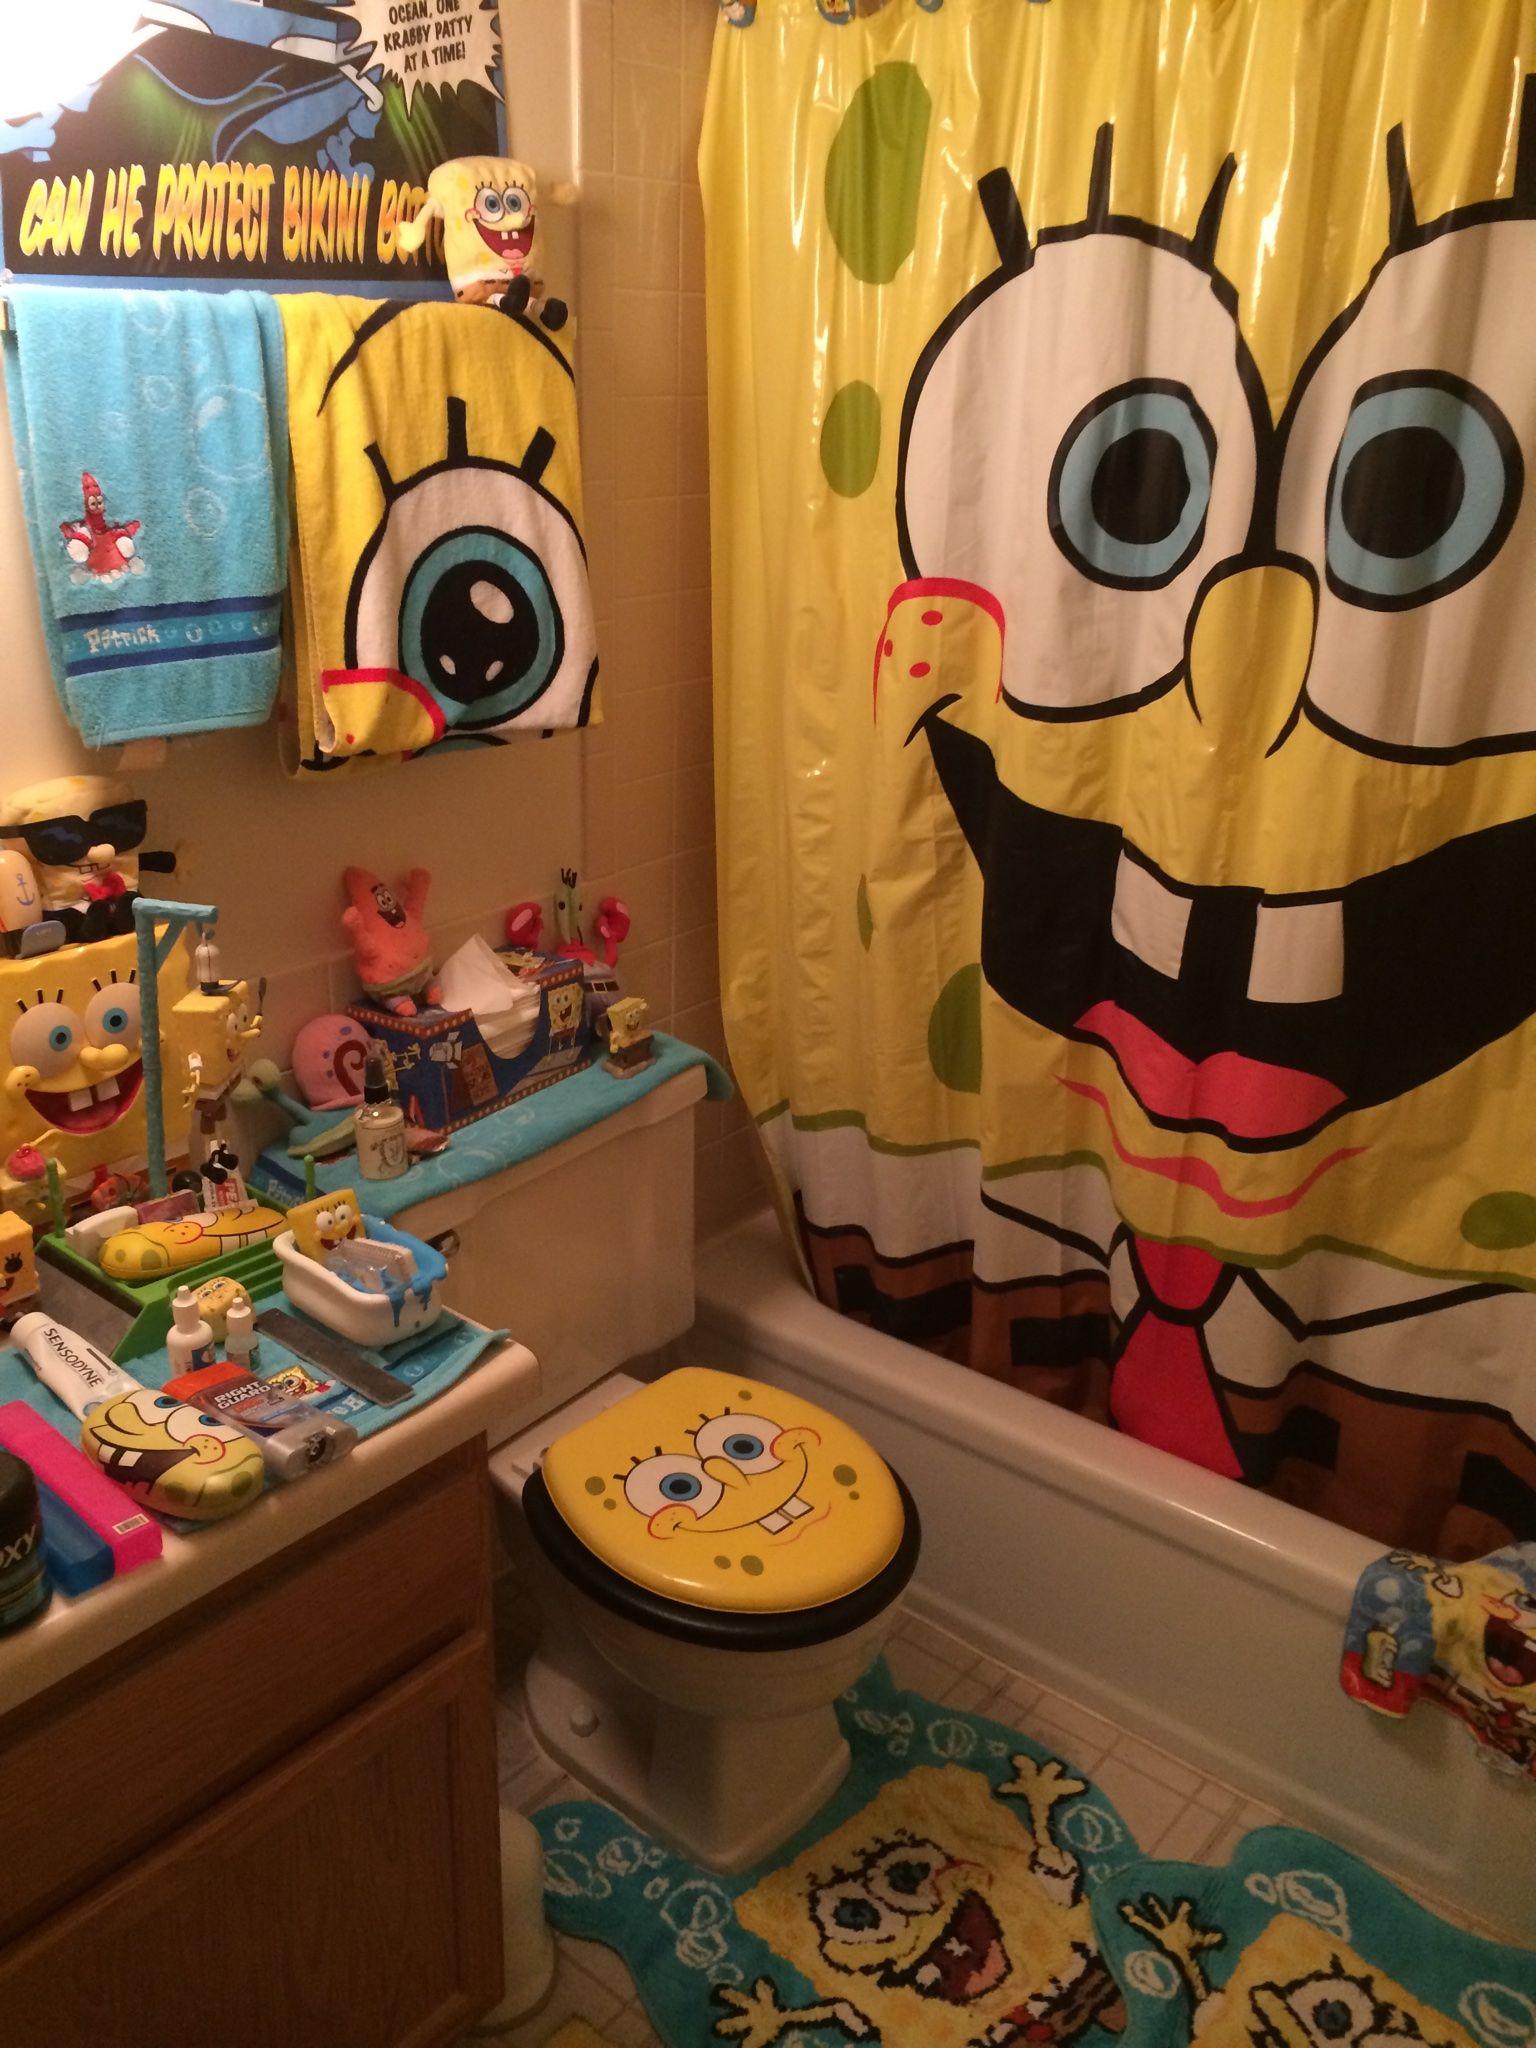 spongebob bathroom 1 spongebob